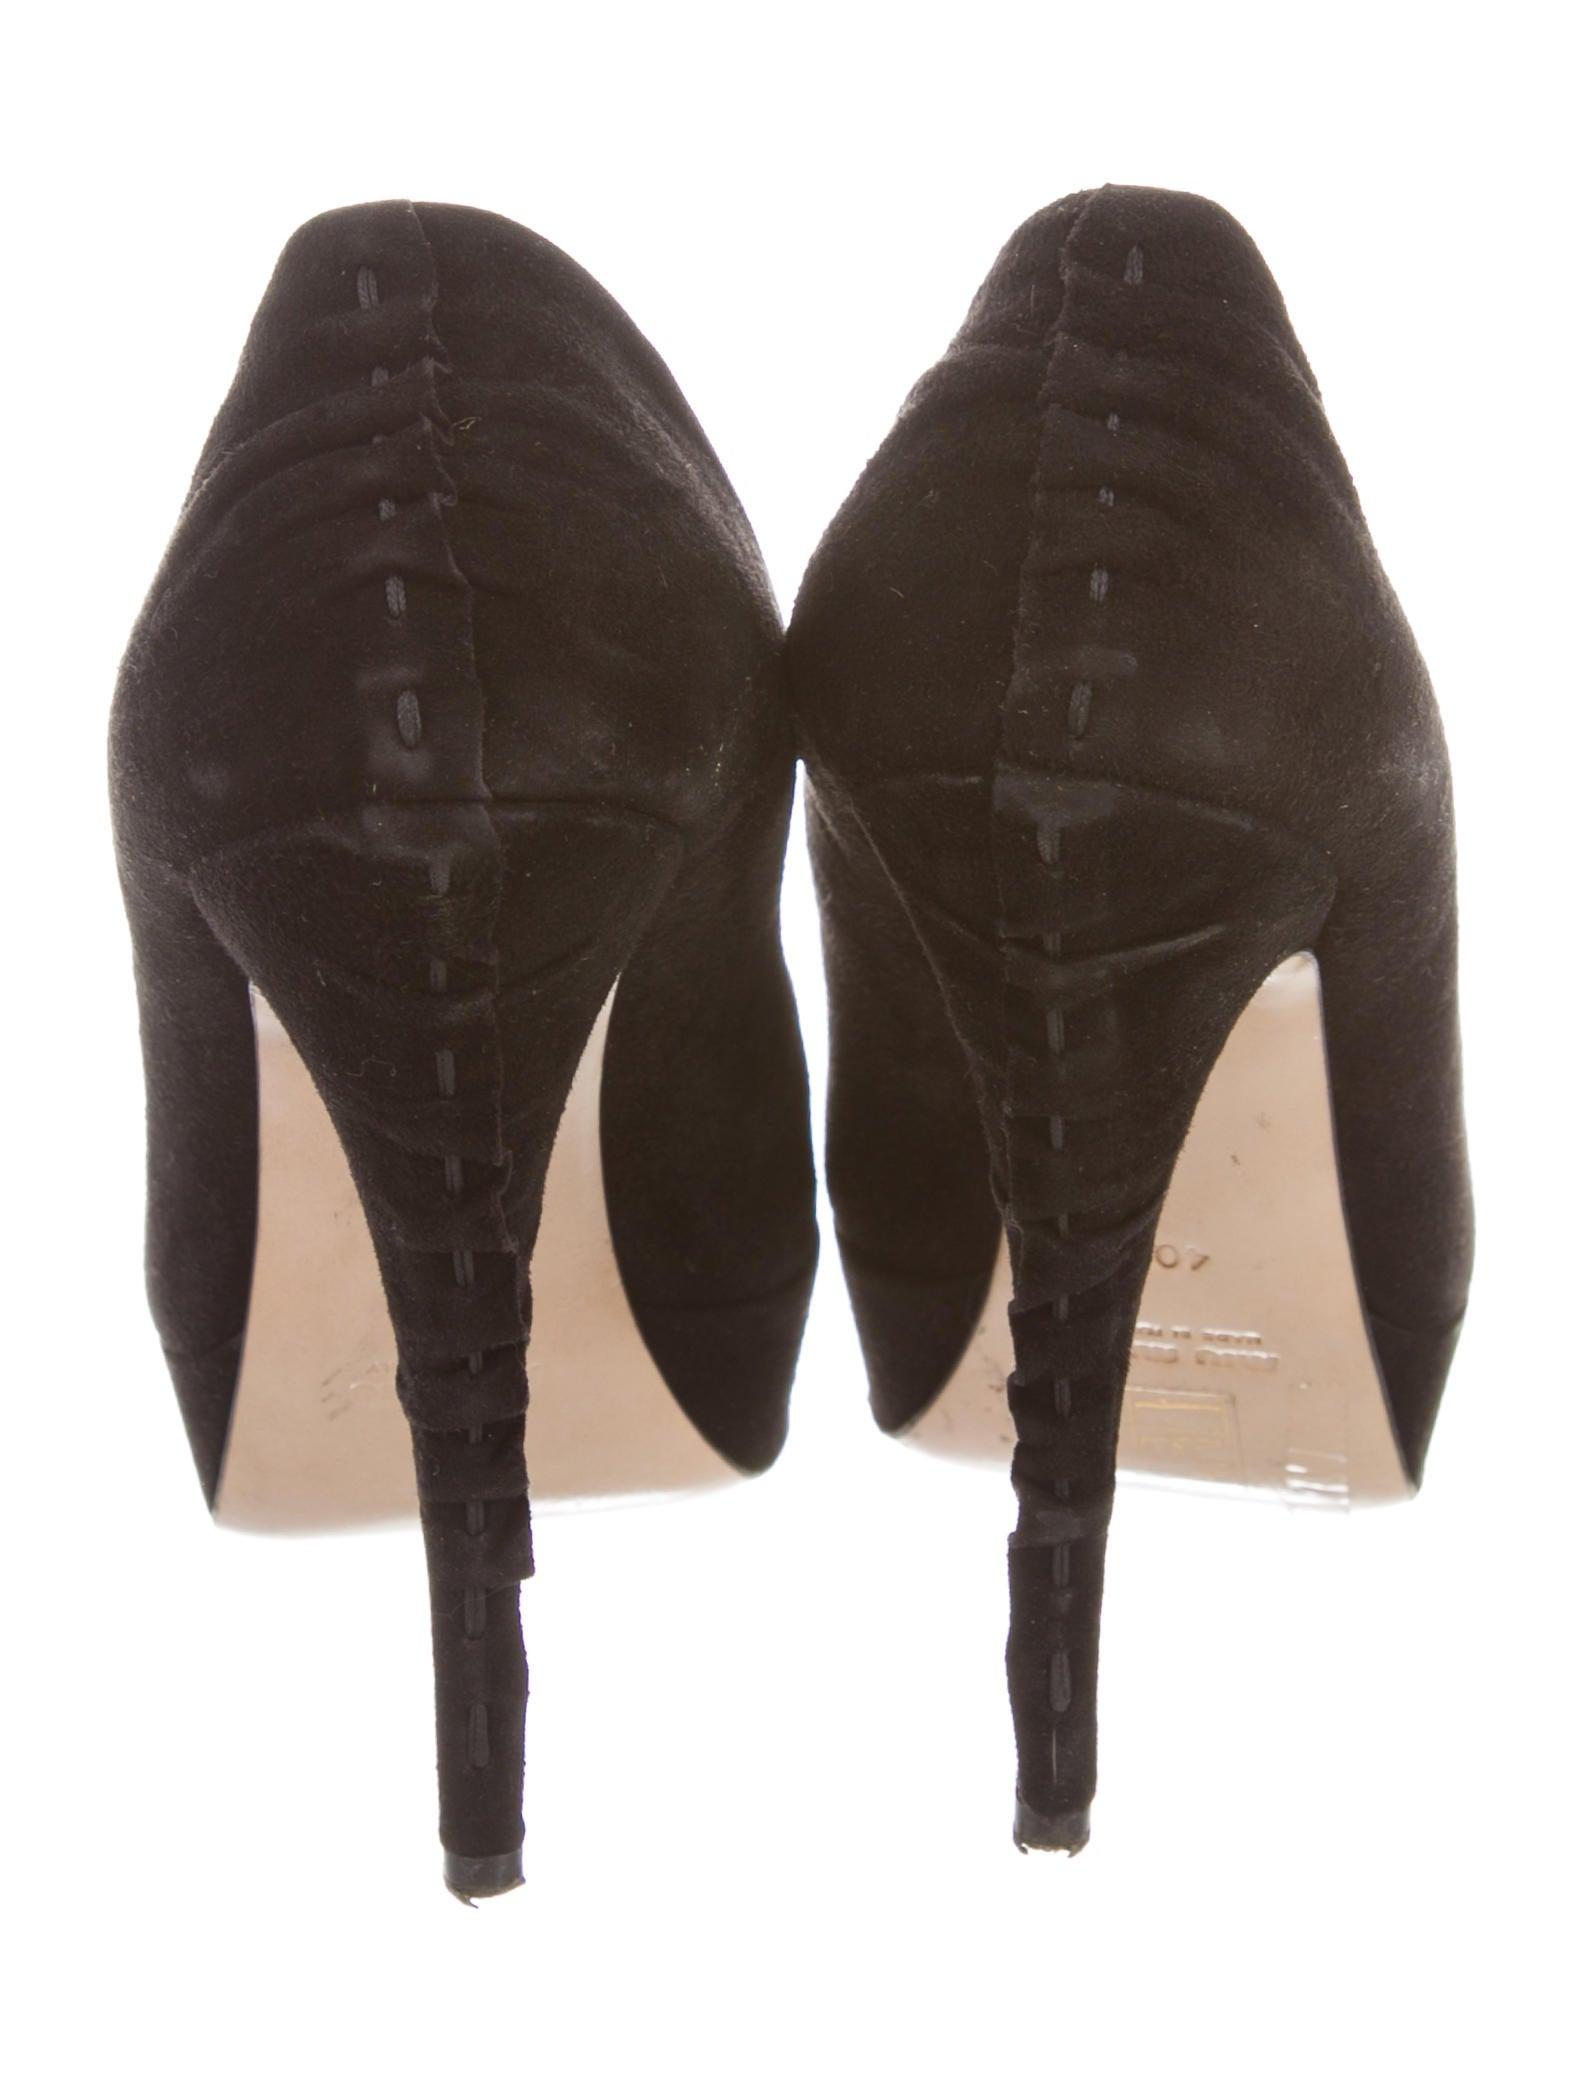 ec21d8d76aca Miu Miu Suede Platform Pumps - Shoes - MIU69740